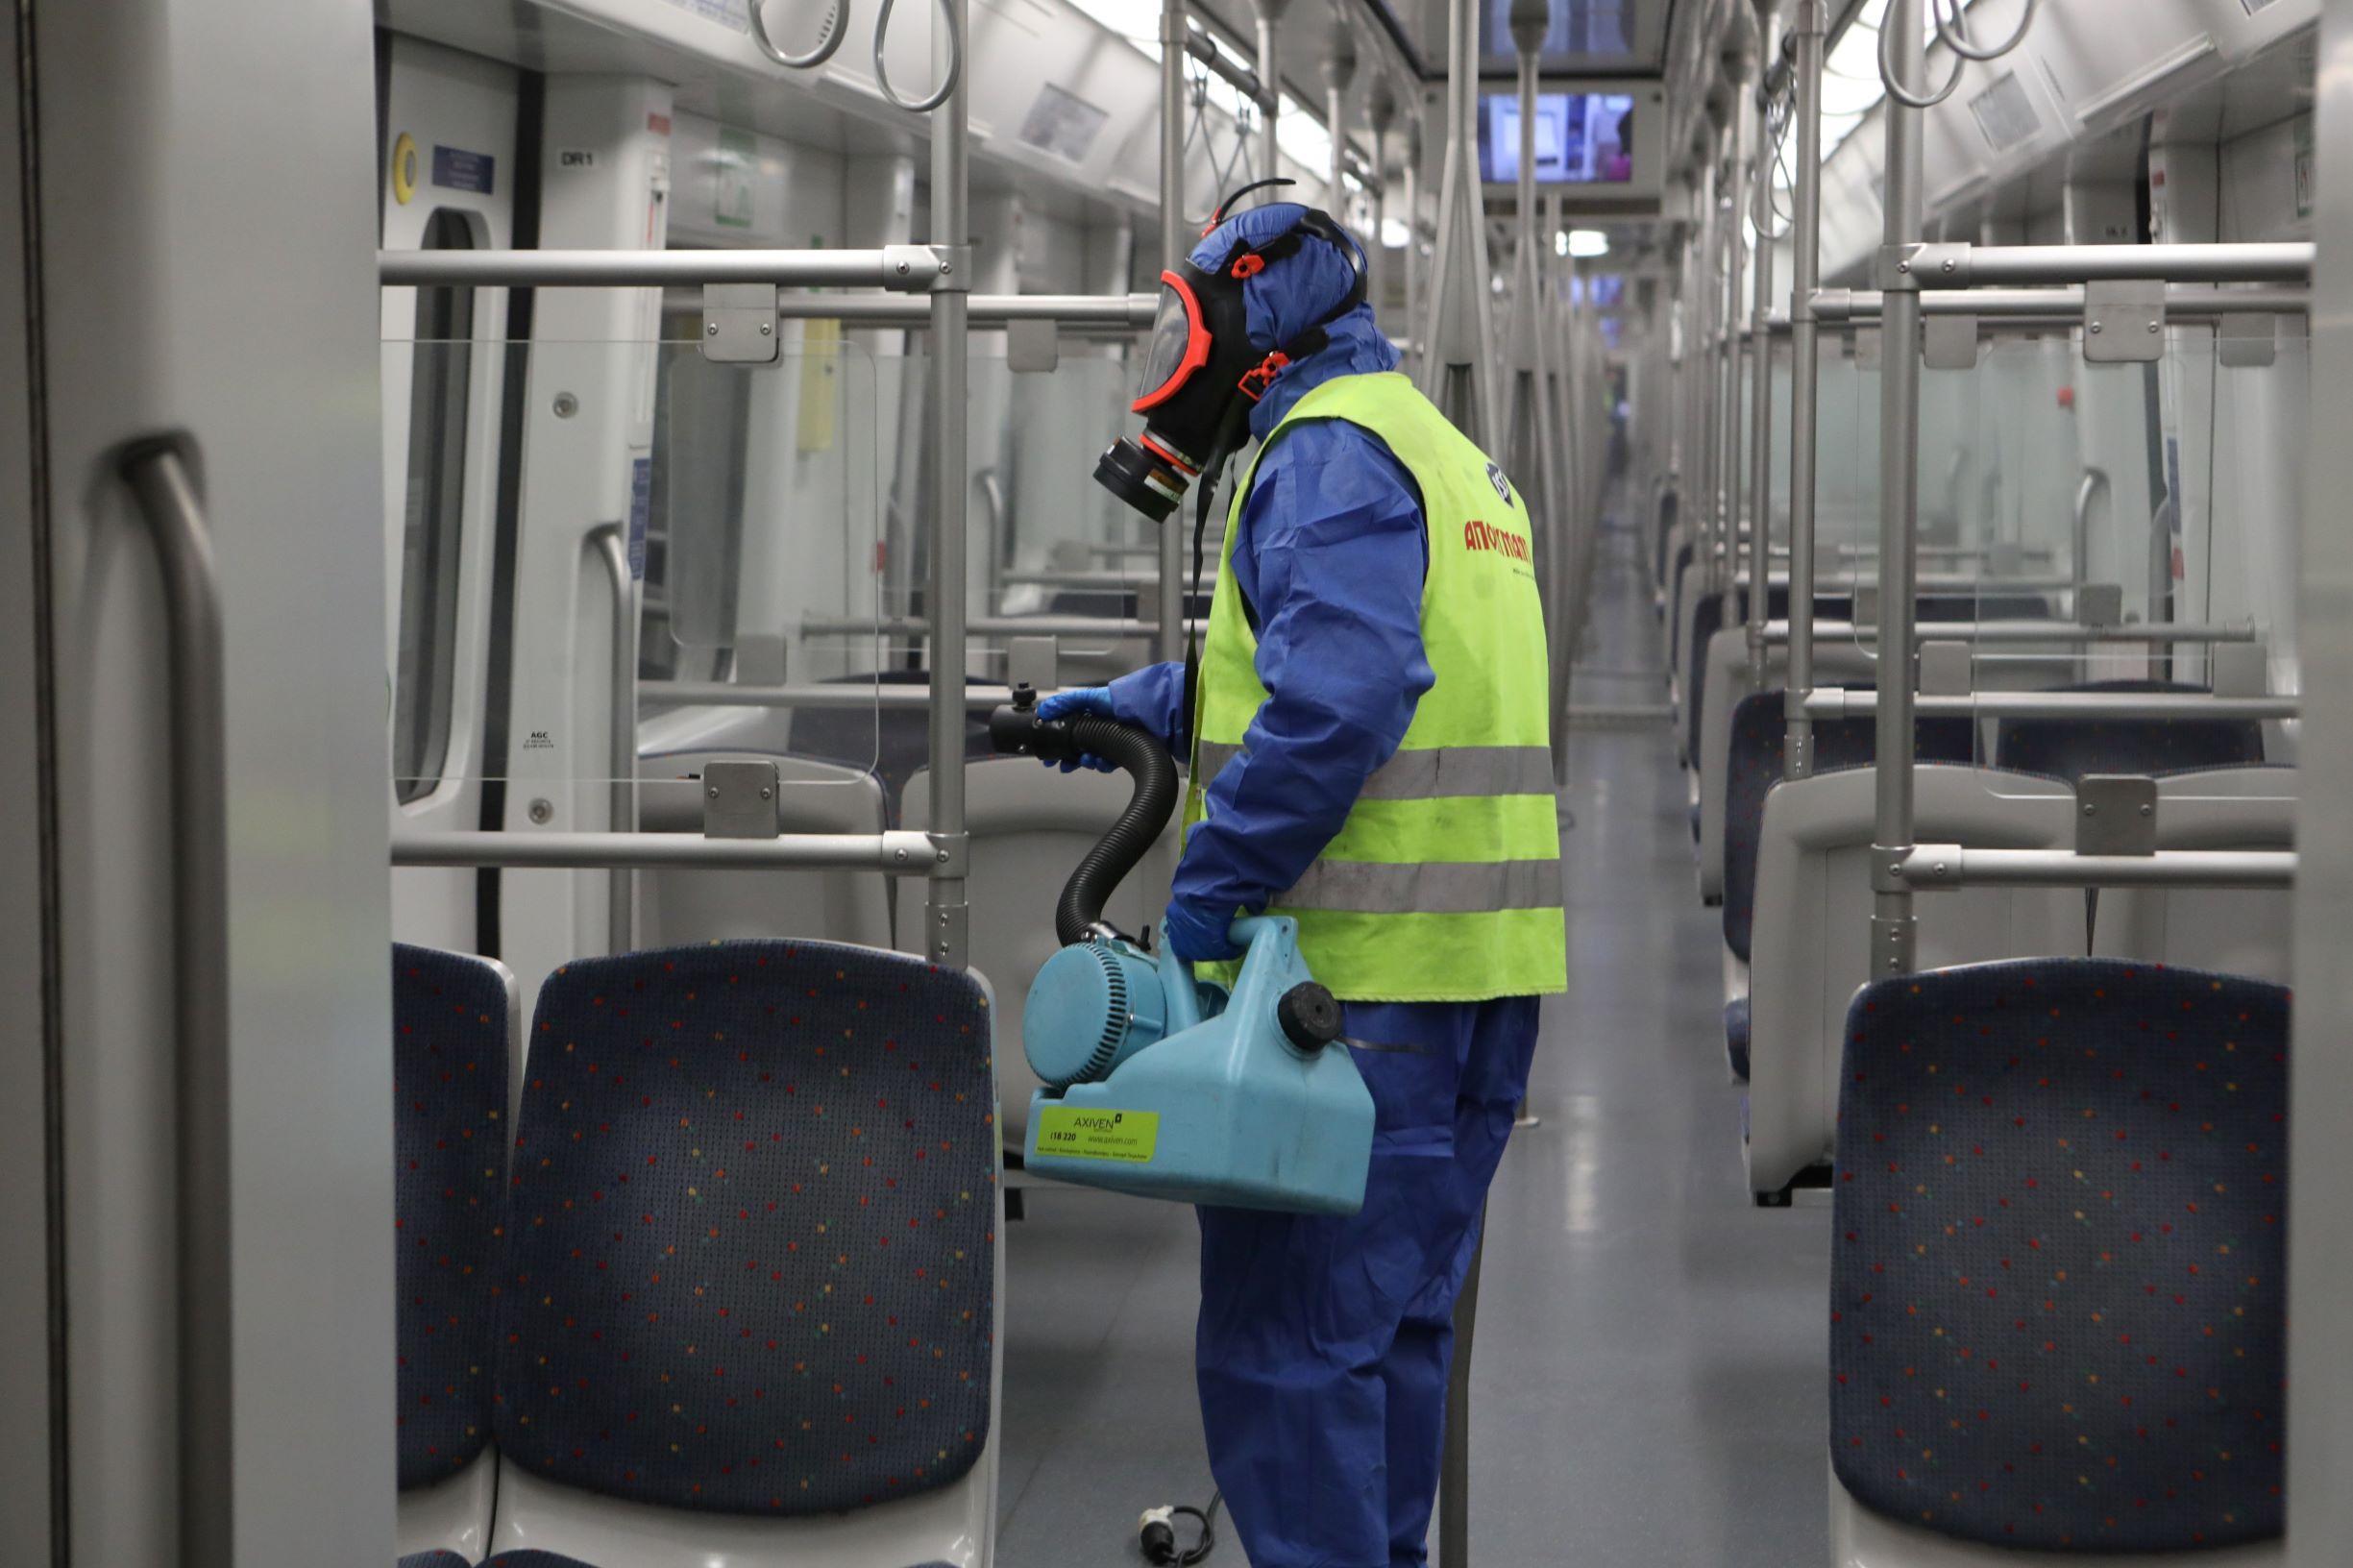 Κορονοϊός: Τα επόμενα μέτρα της κυβέρνησης! Τι θα γίνει με μετρό, ηλεκτρικό, τραμ, λεωφορεία και τρόλεϊ